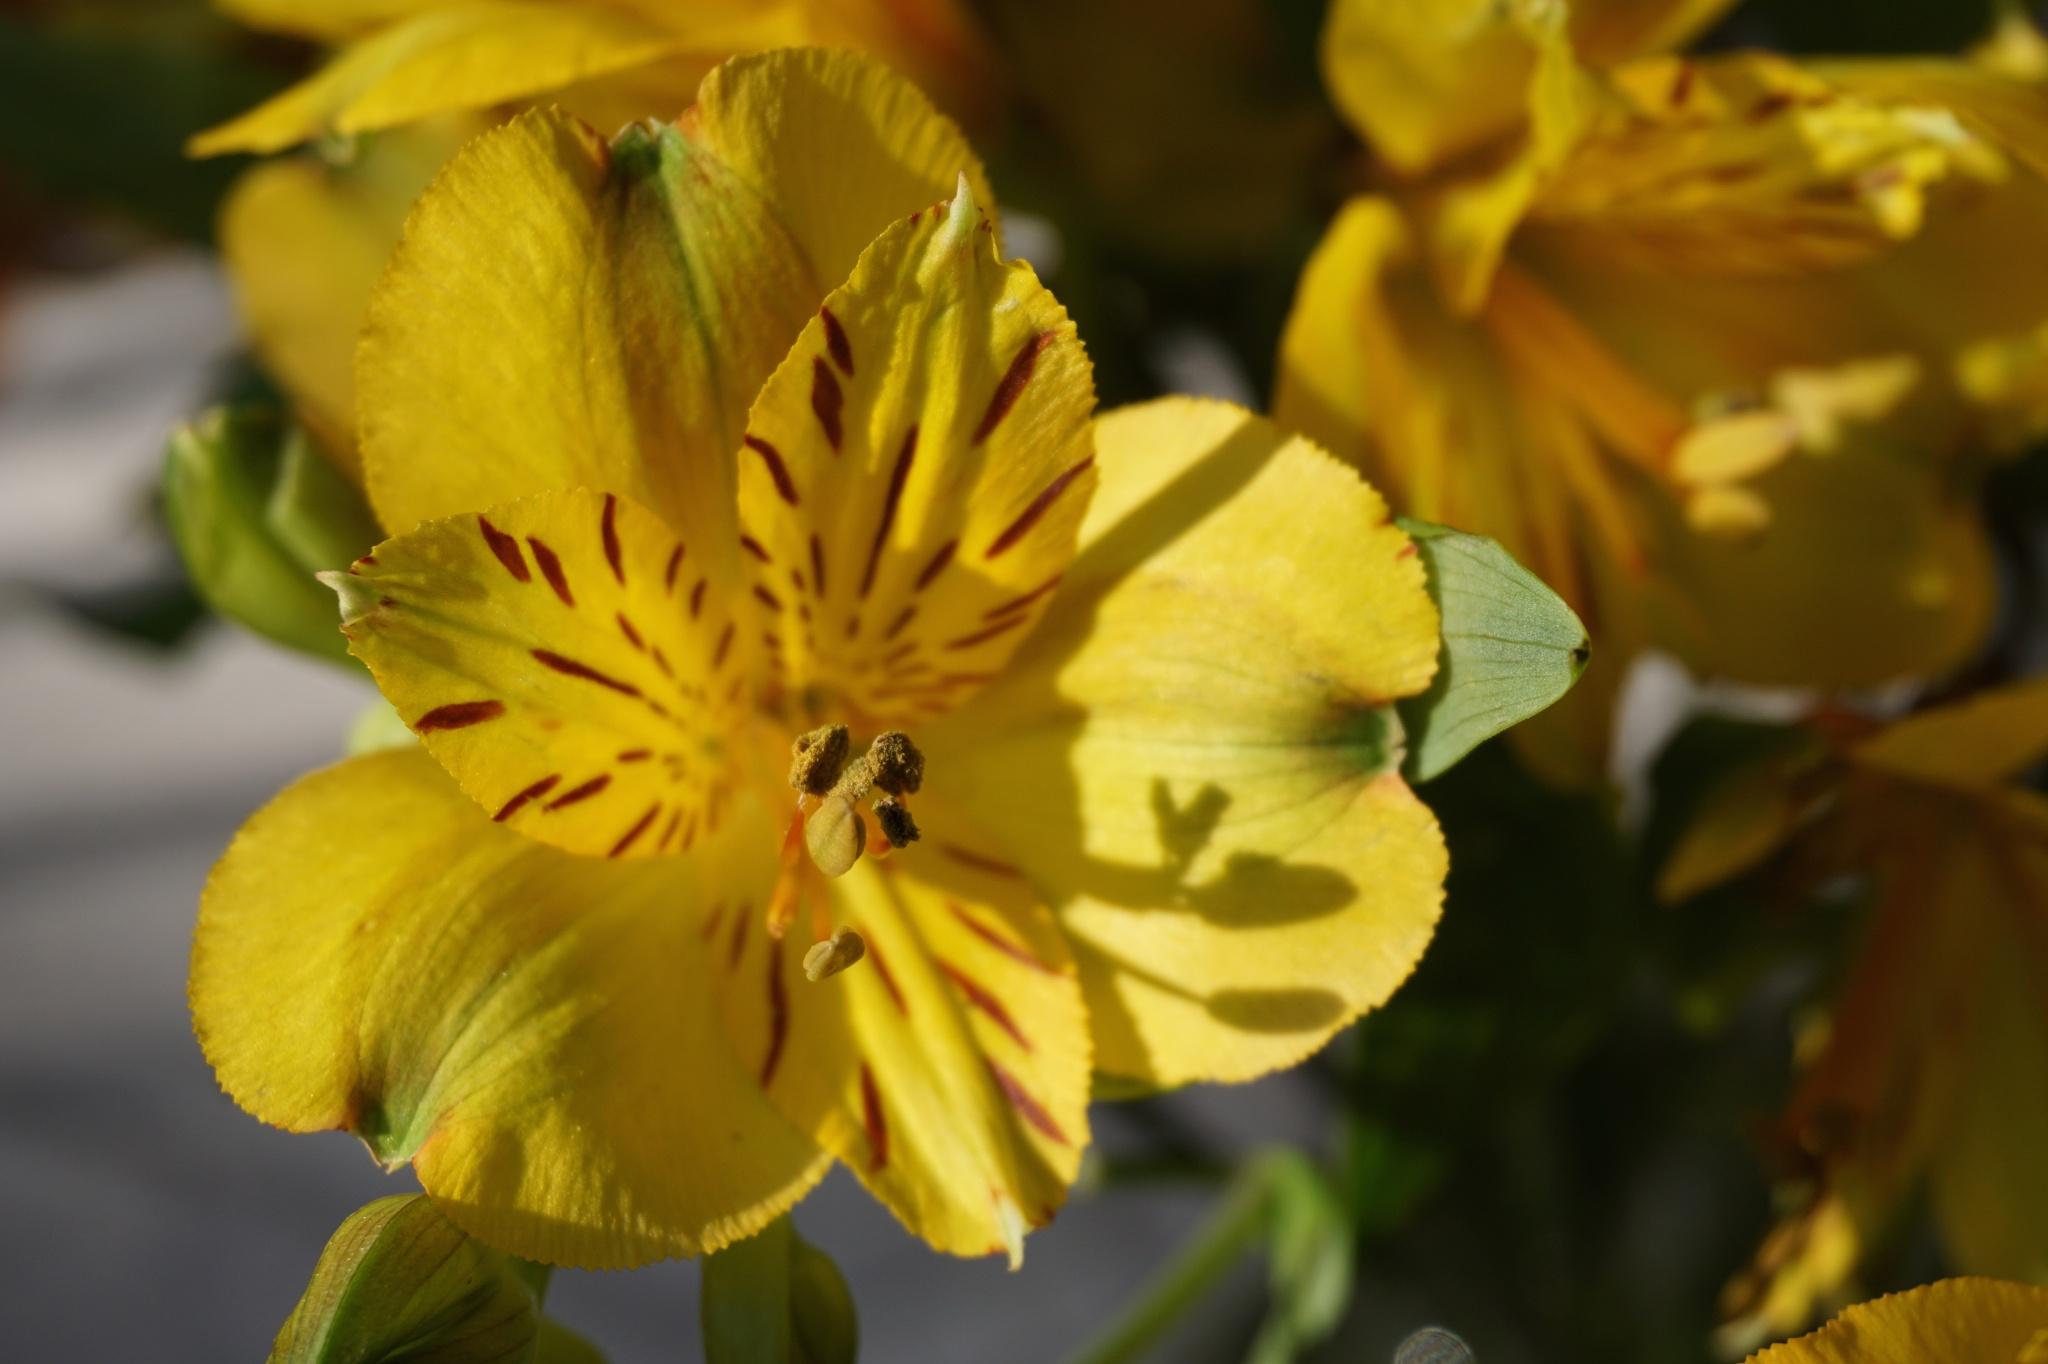 Golden Alstroemeria by Ana Victoria Larkin